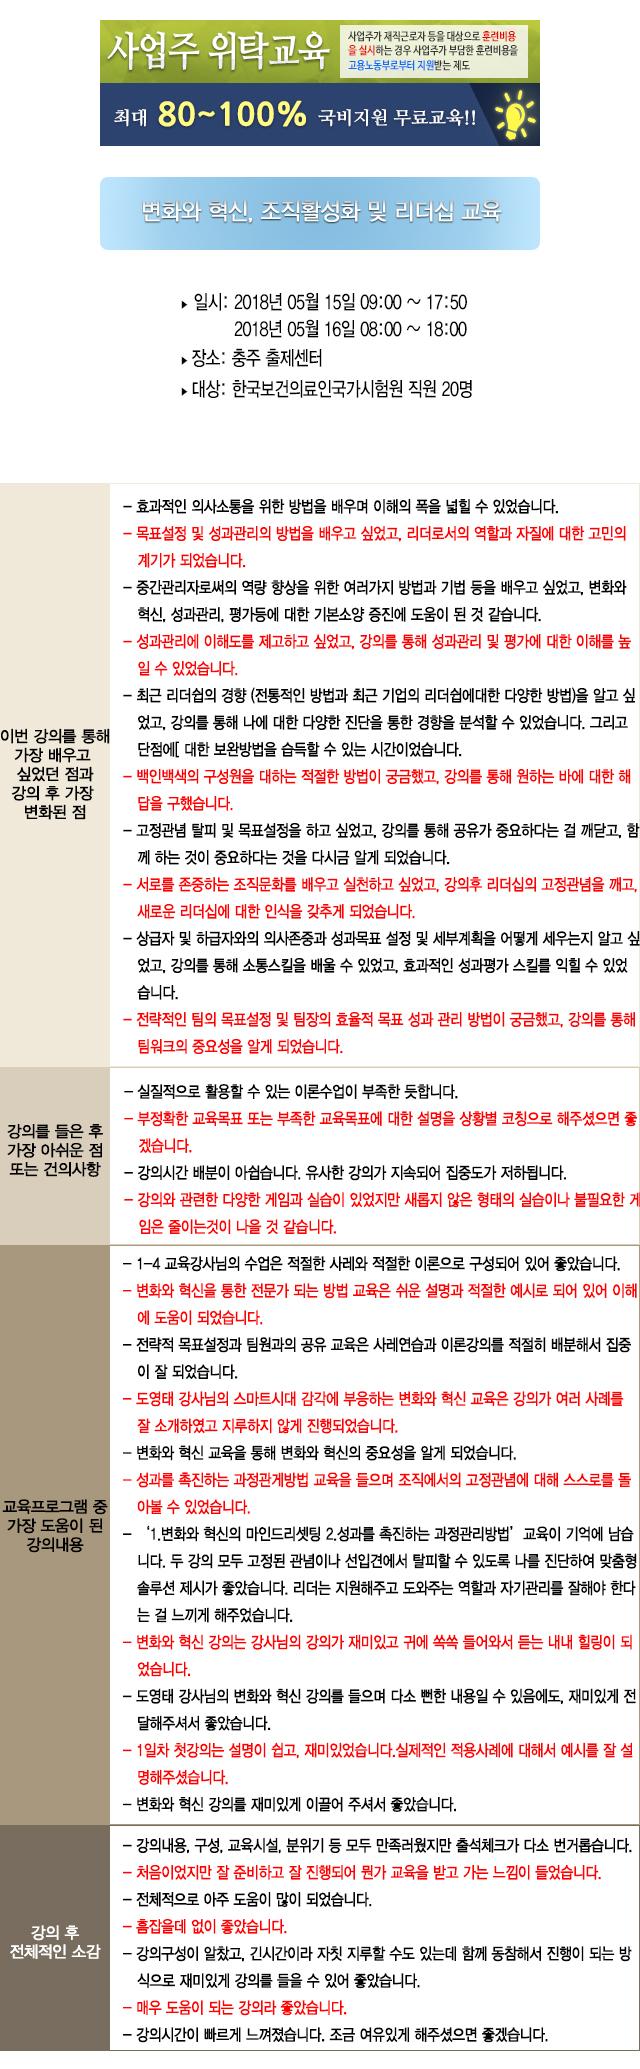 한국중앙인재개발원 후기 A반 한국보건의료인국가시험원.jpg